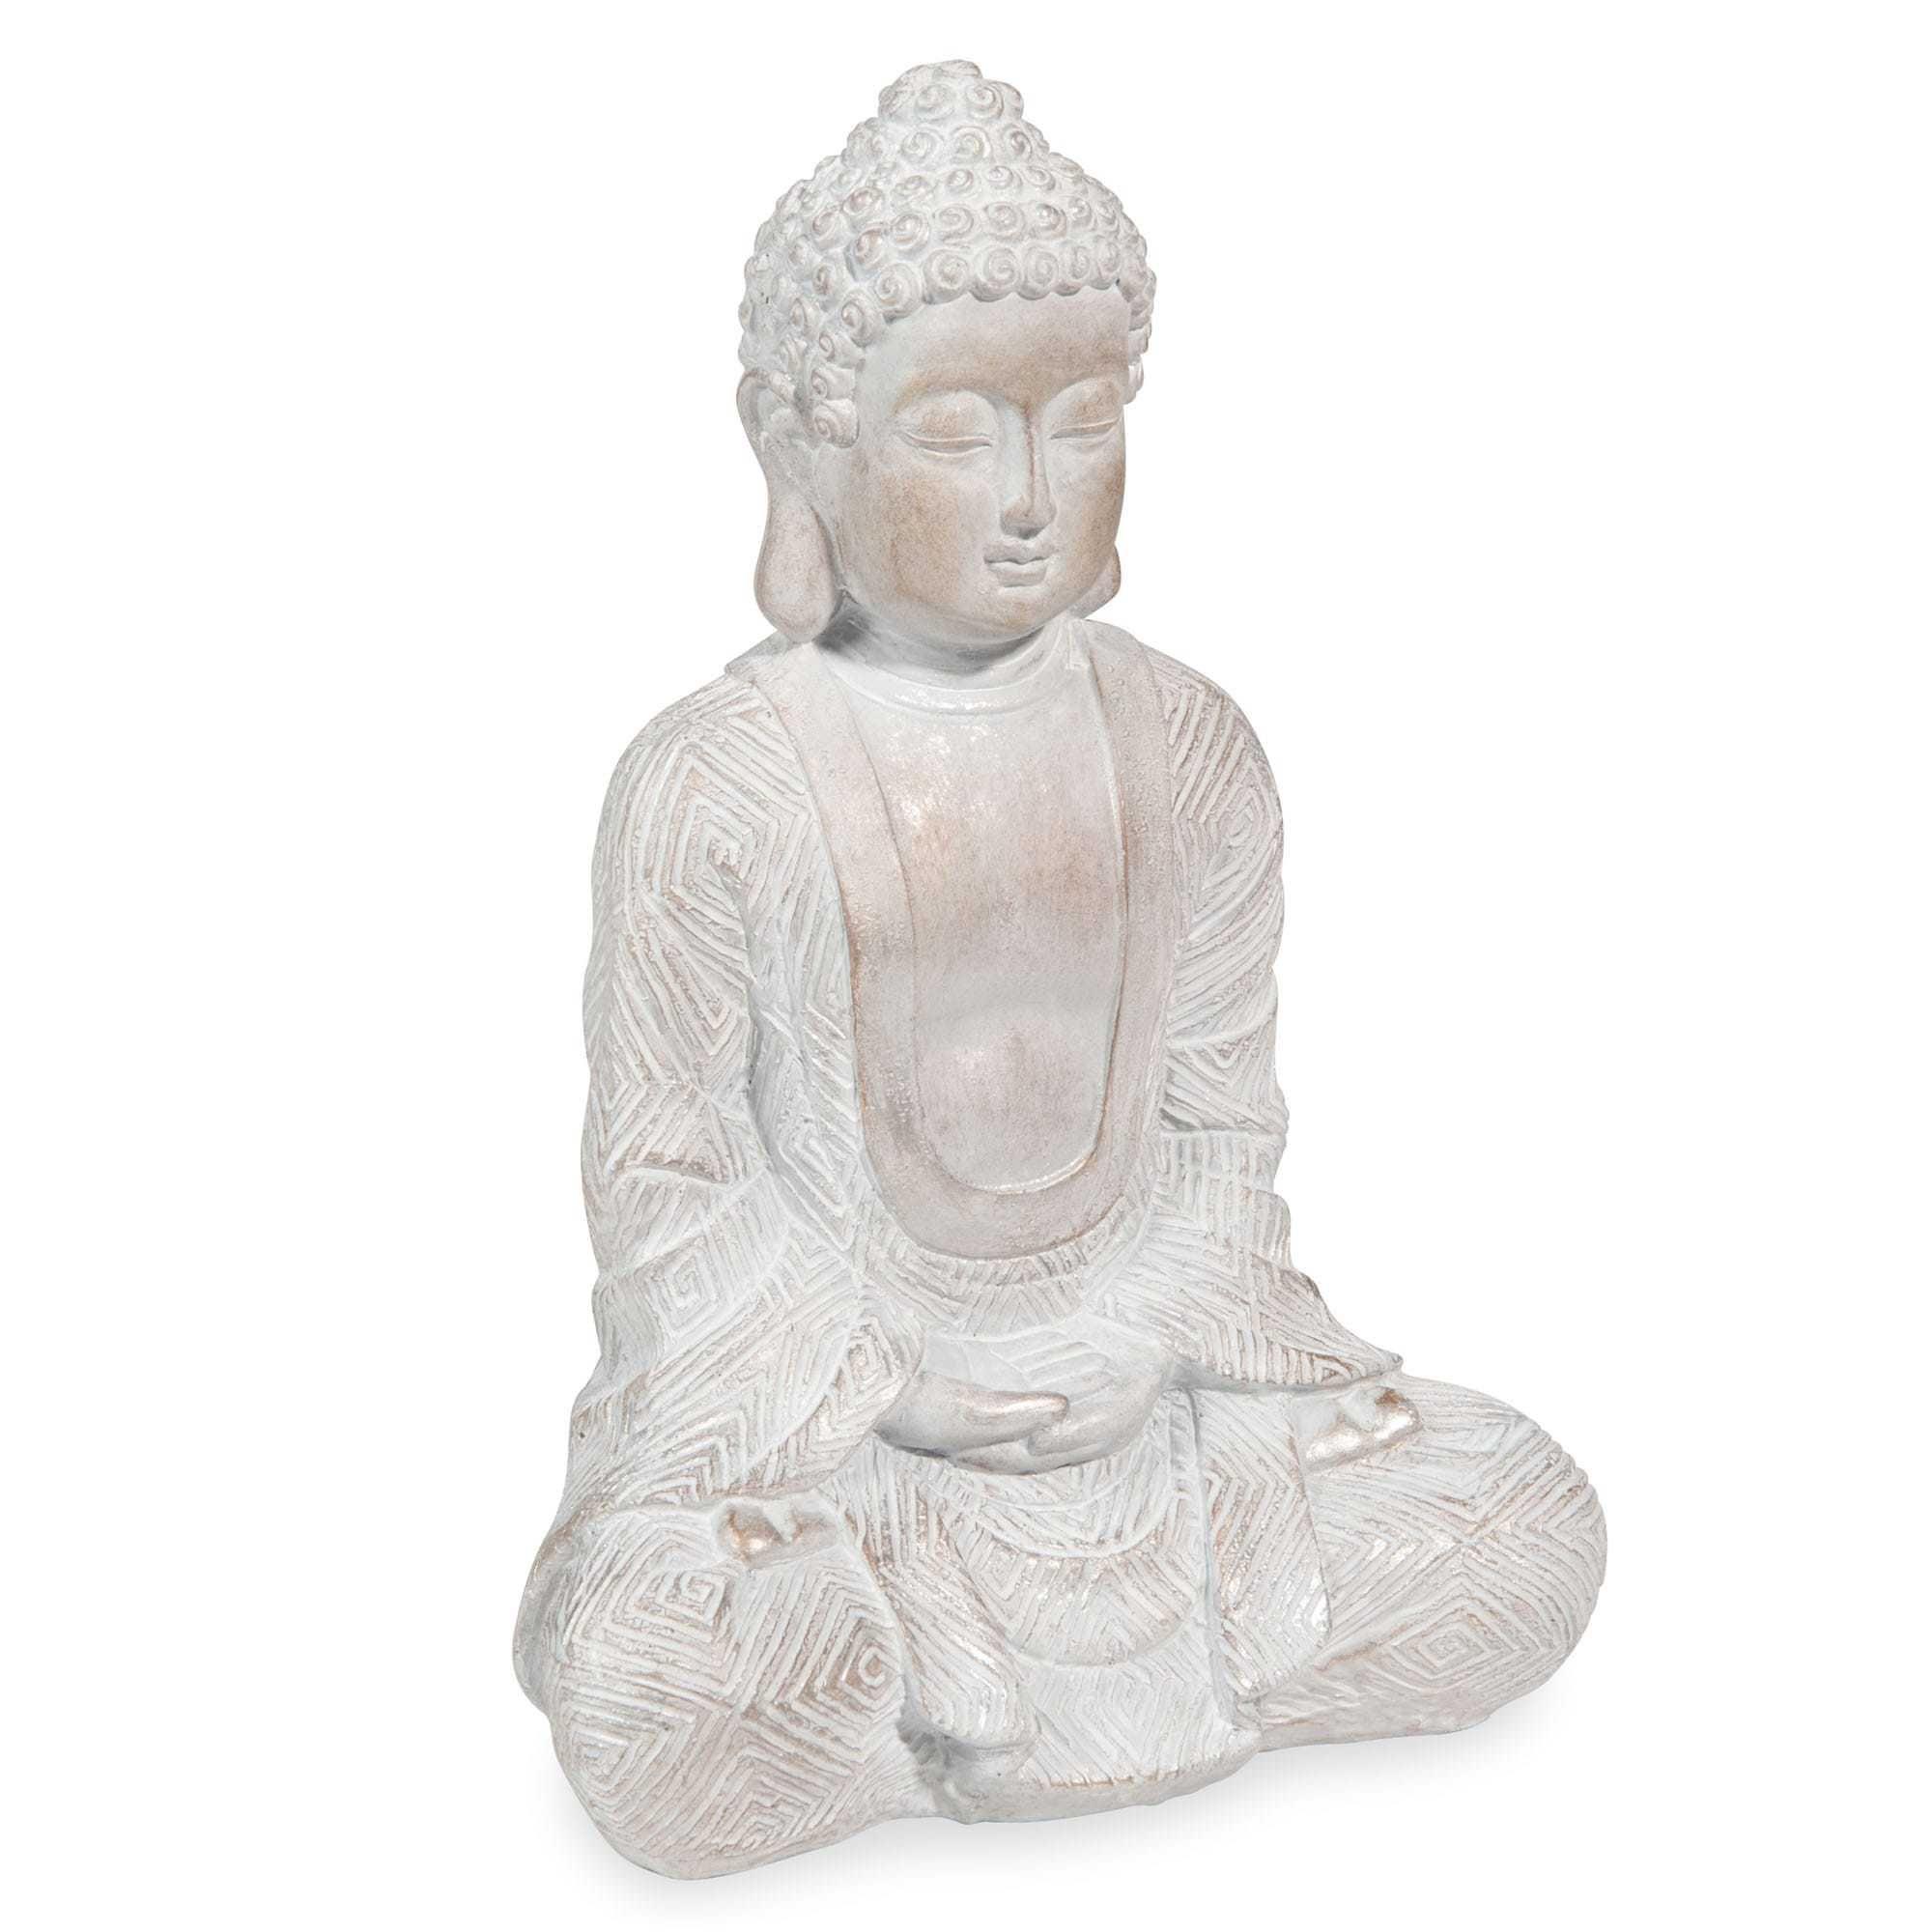 Statuette Bouddha Effet Blanchi H23 Maisons Du Monde Statuette Bouddha Bouddha Statue Bouddha